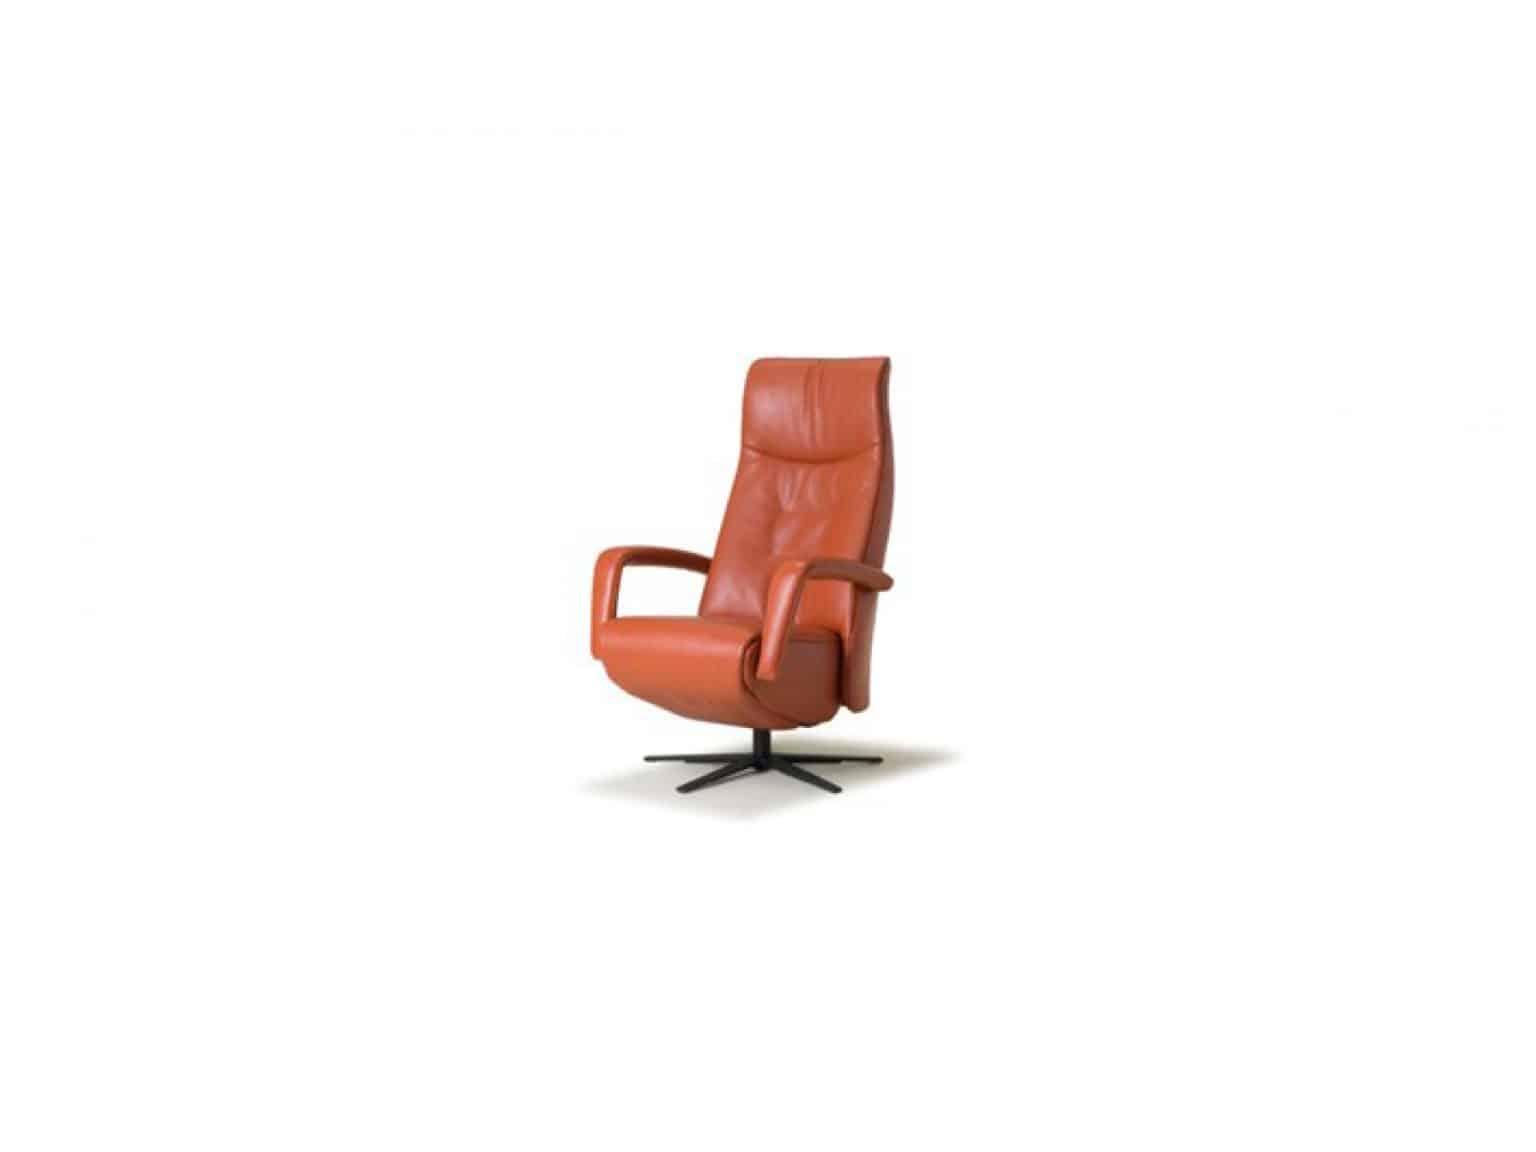 De Toekomst fauteuil Twice TW103 pa